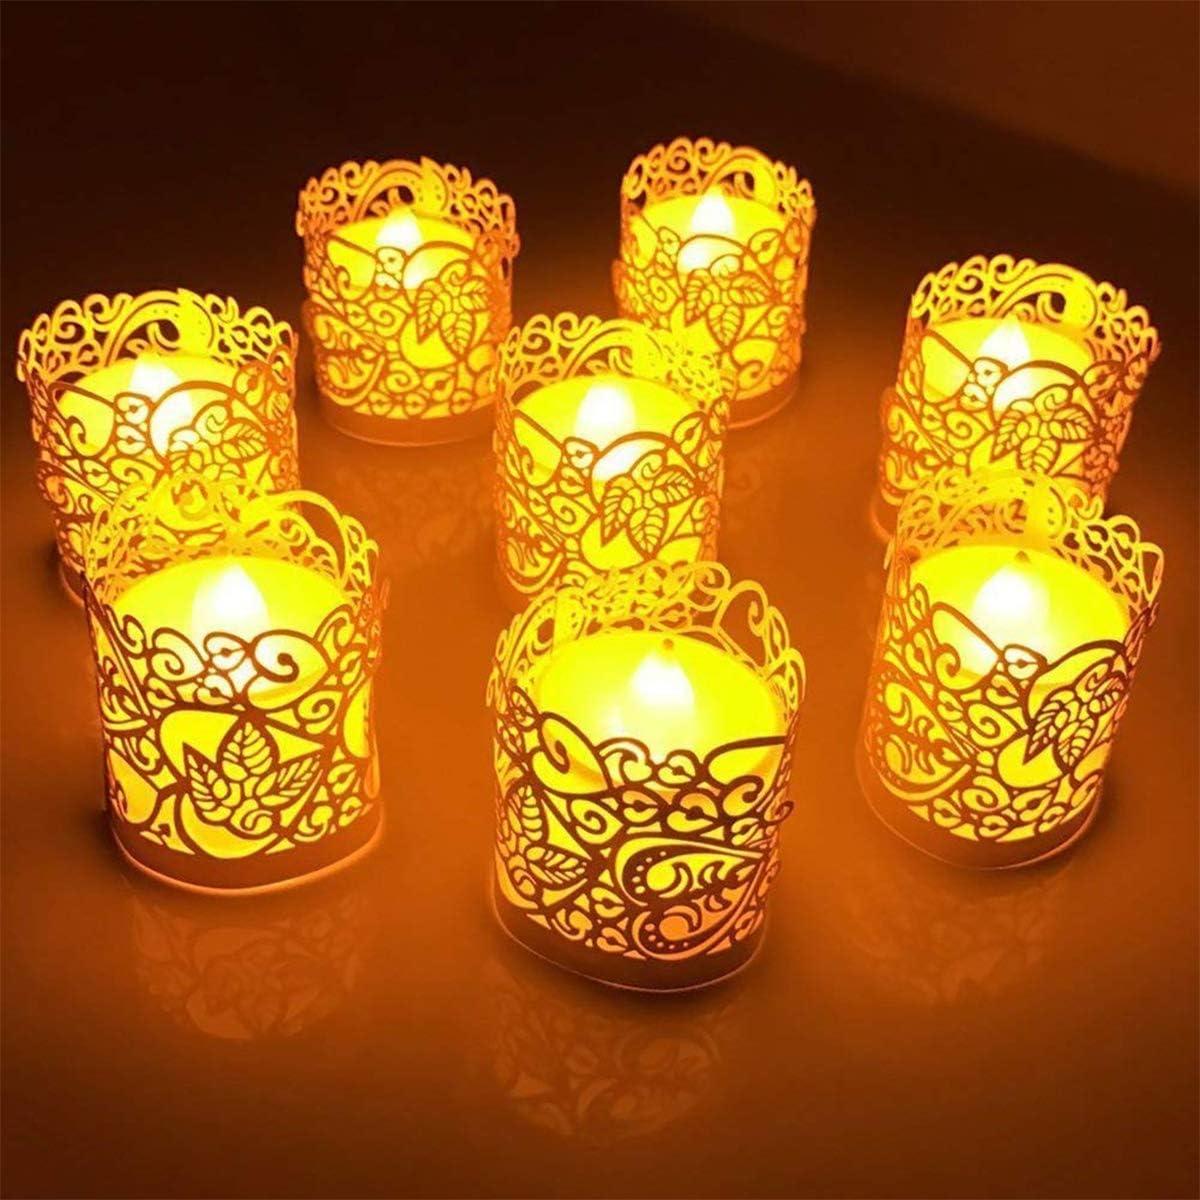 blanc, dor/é Lot de 10 bougies chauffe-plat sans flamme